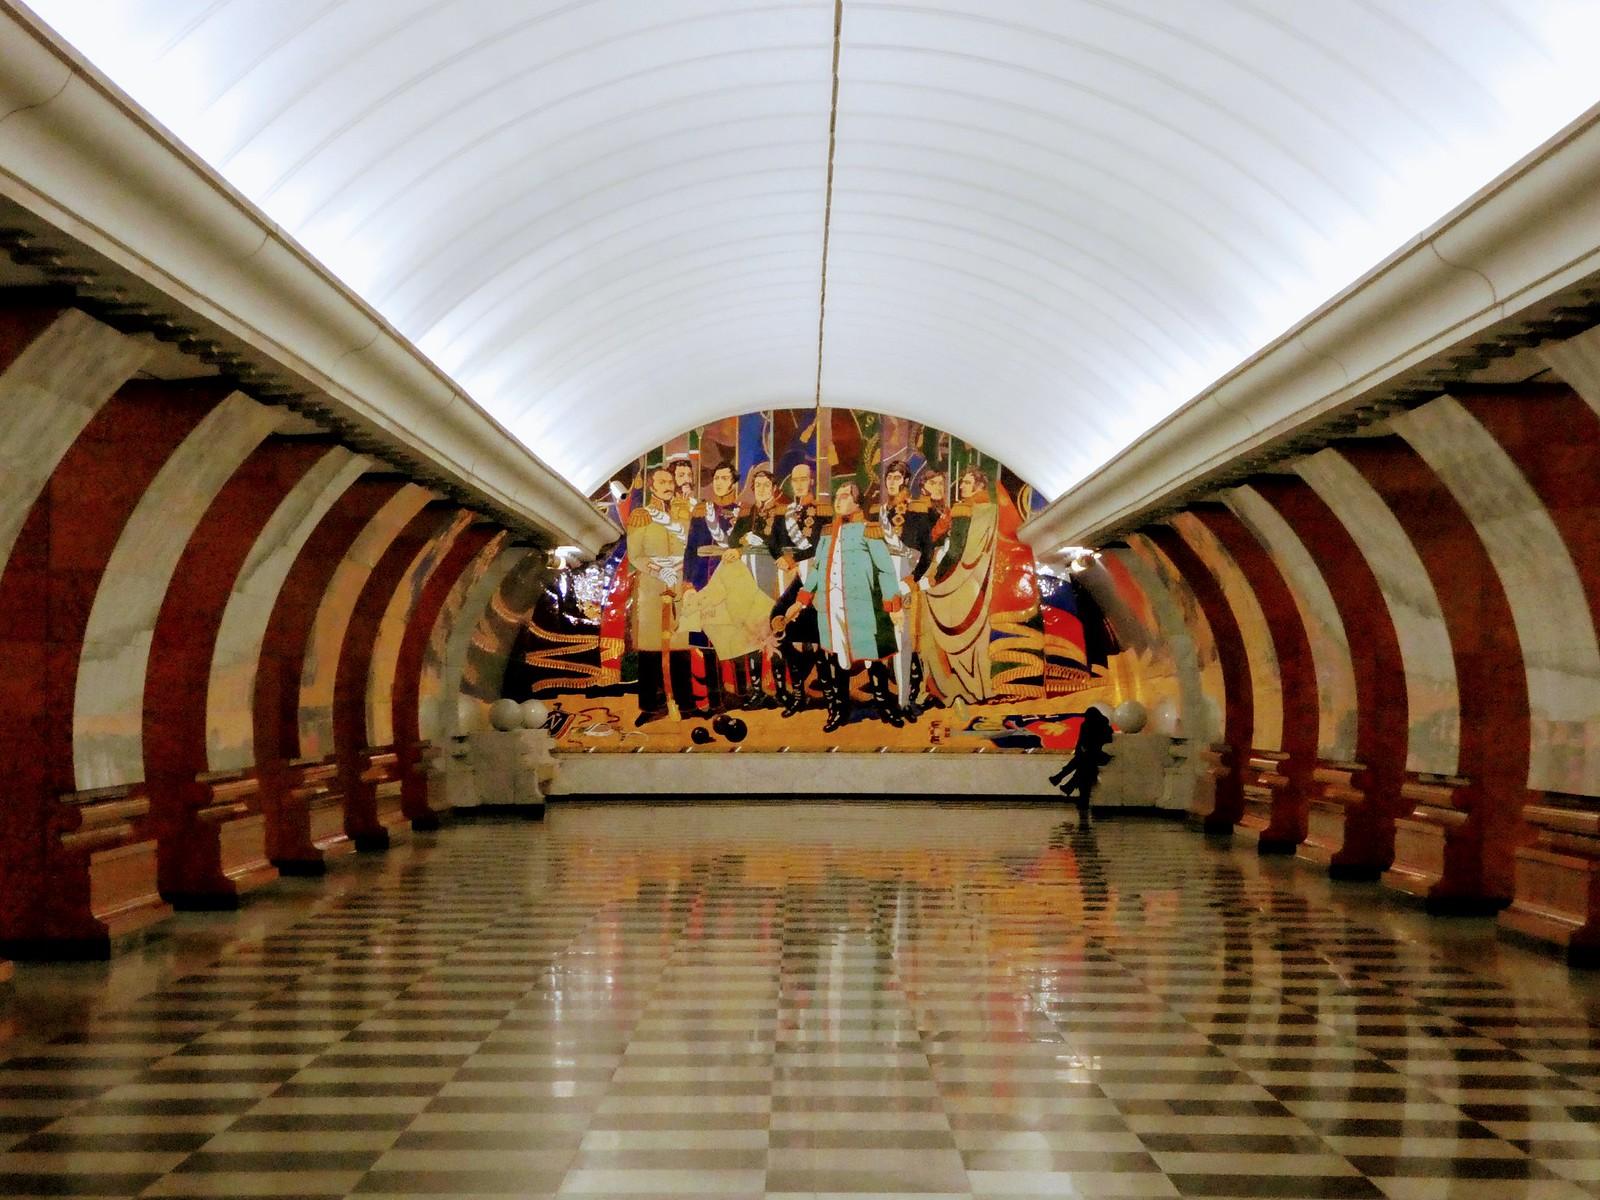 Prospekt Mira Metro Station, Moscow